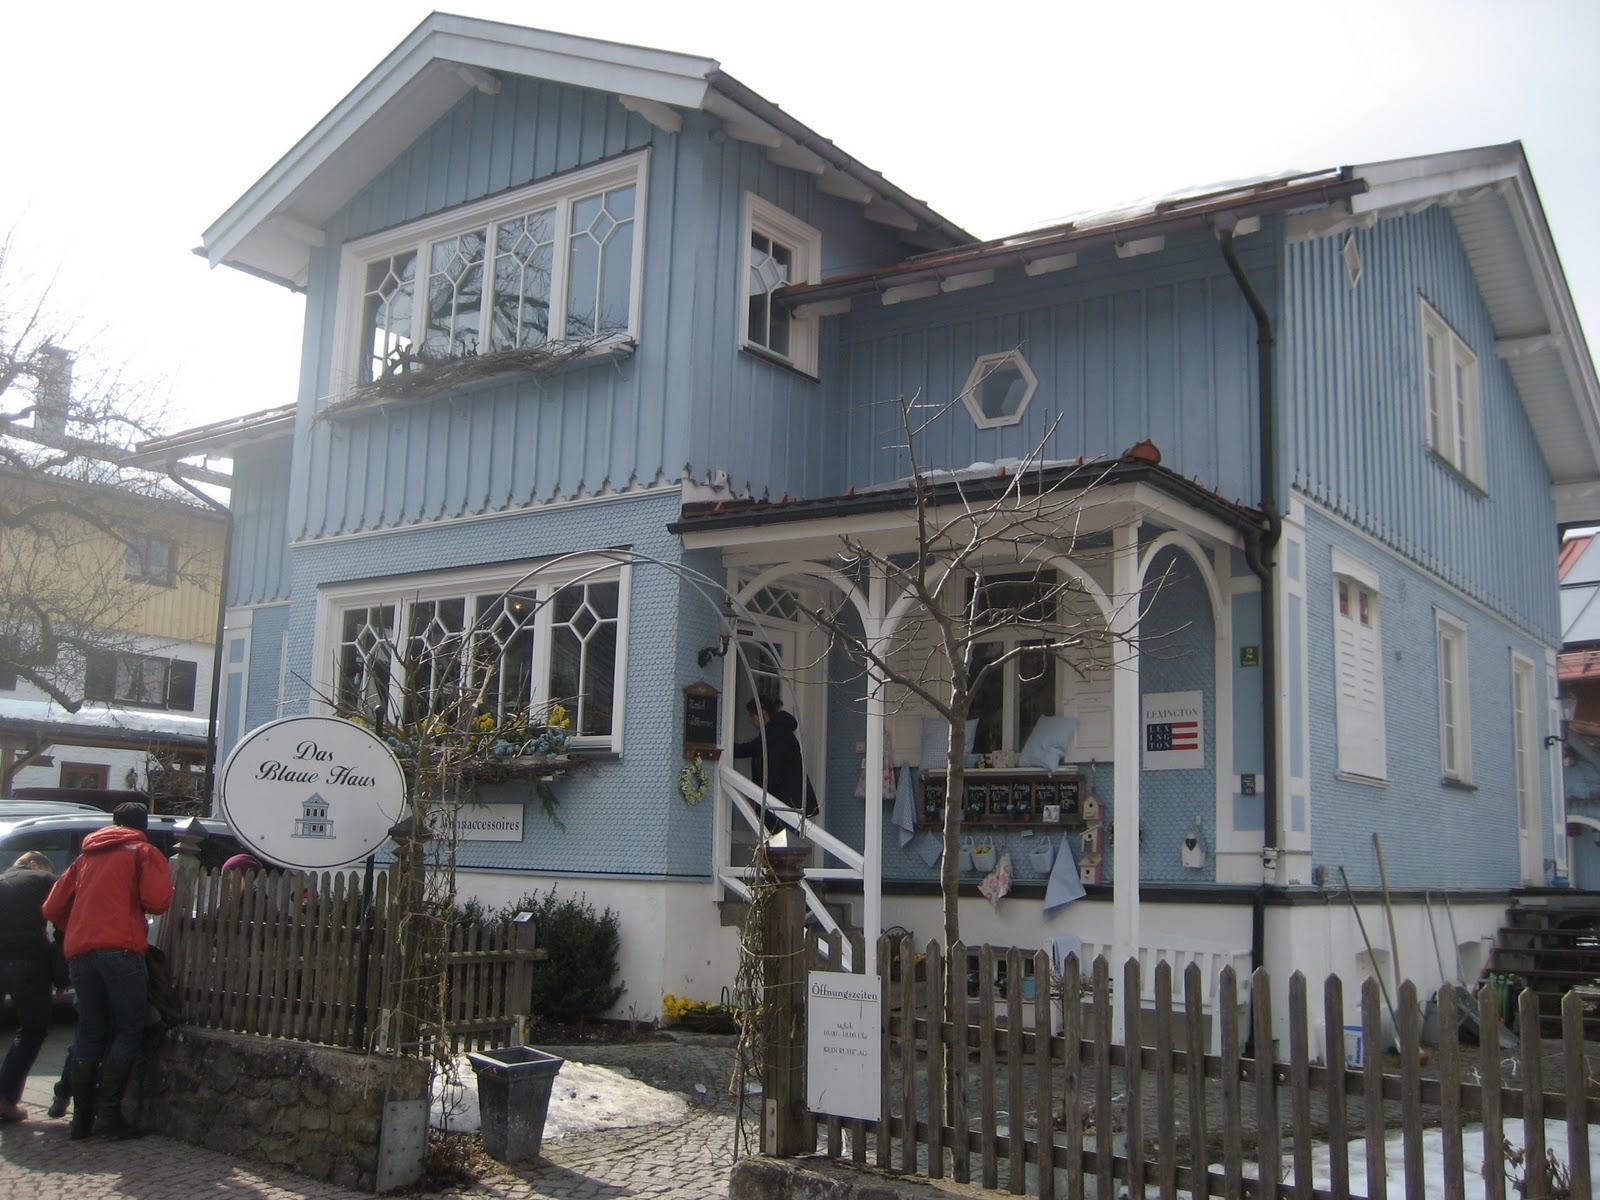 filz t raum und herzensdinge blaues haus sch ferhof und hilfe f r japan. Black Bedroom Furniture Sets. Home Design Ideas